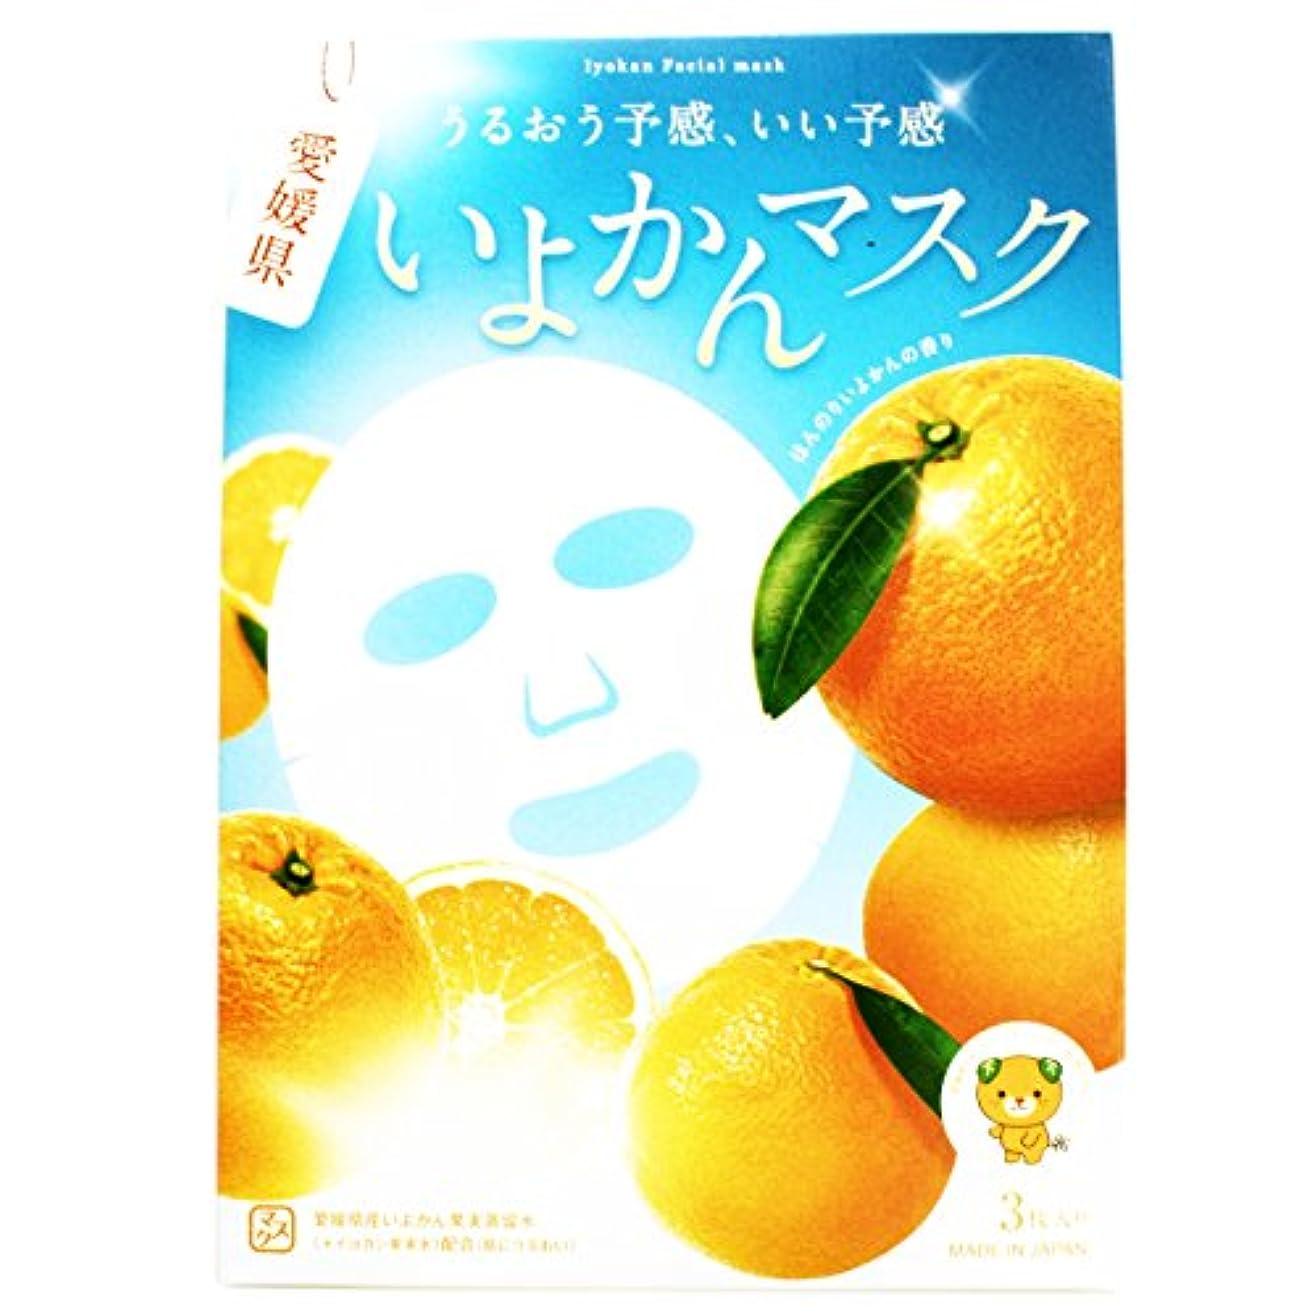 巧みな何よりも酔った愛媛県 いよかんマスク 3枚入り